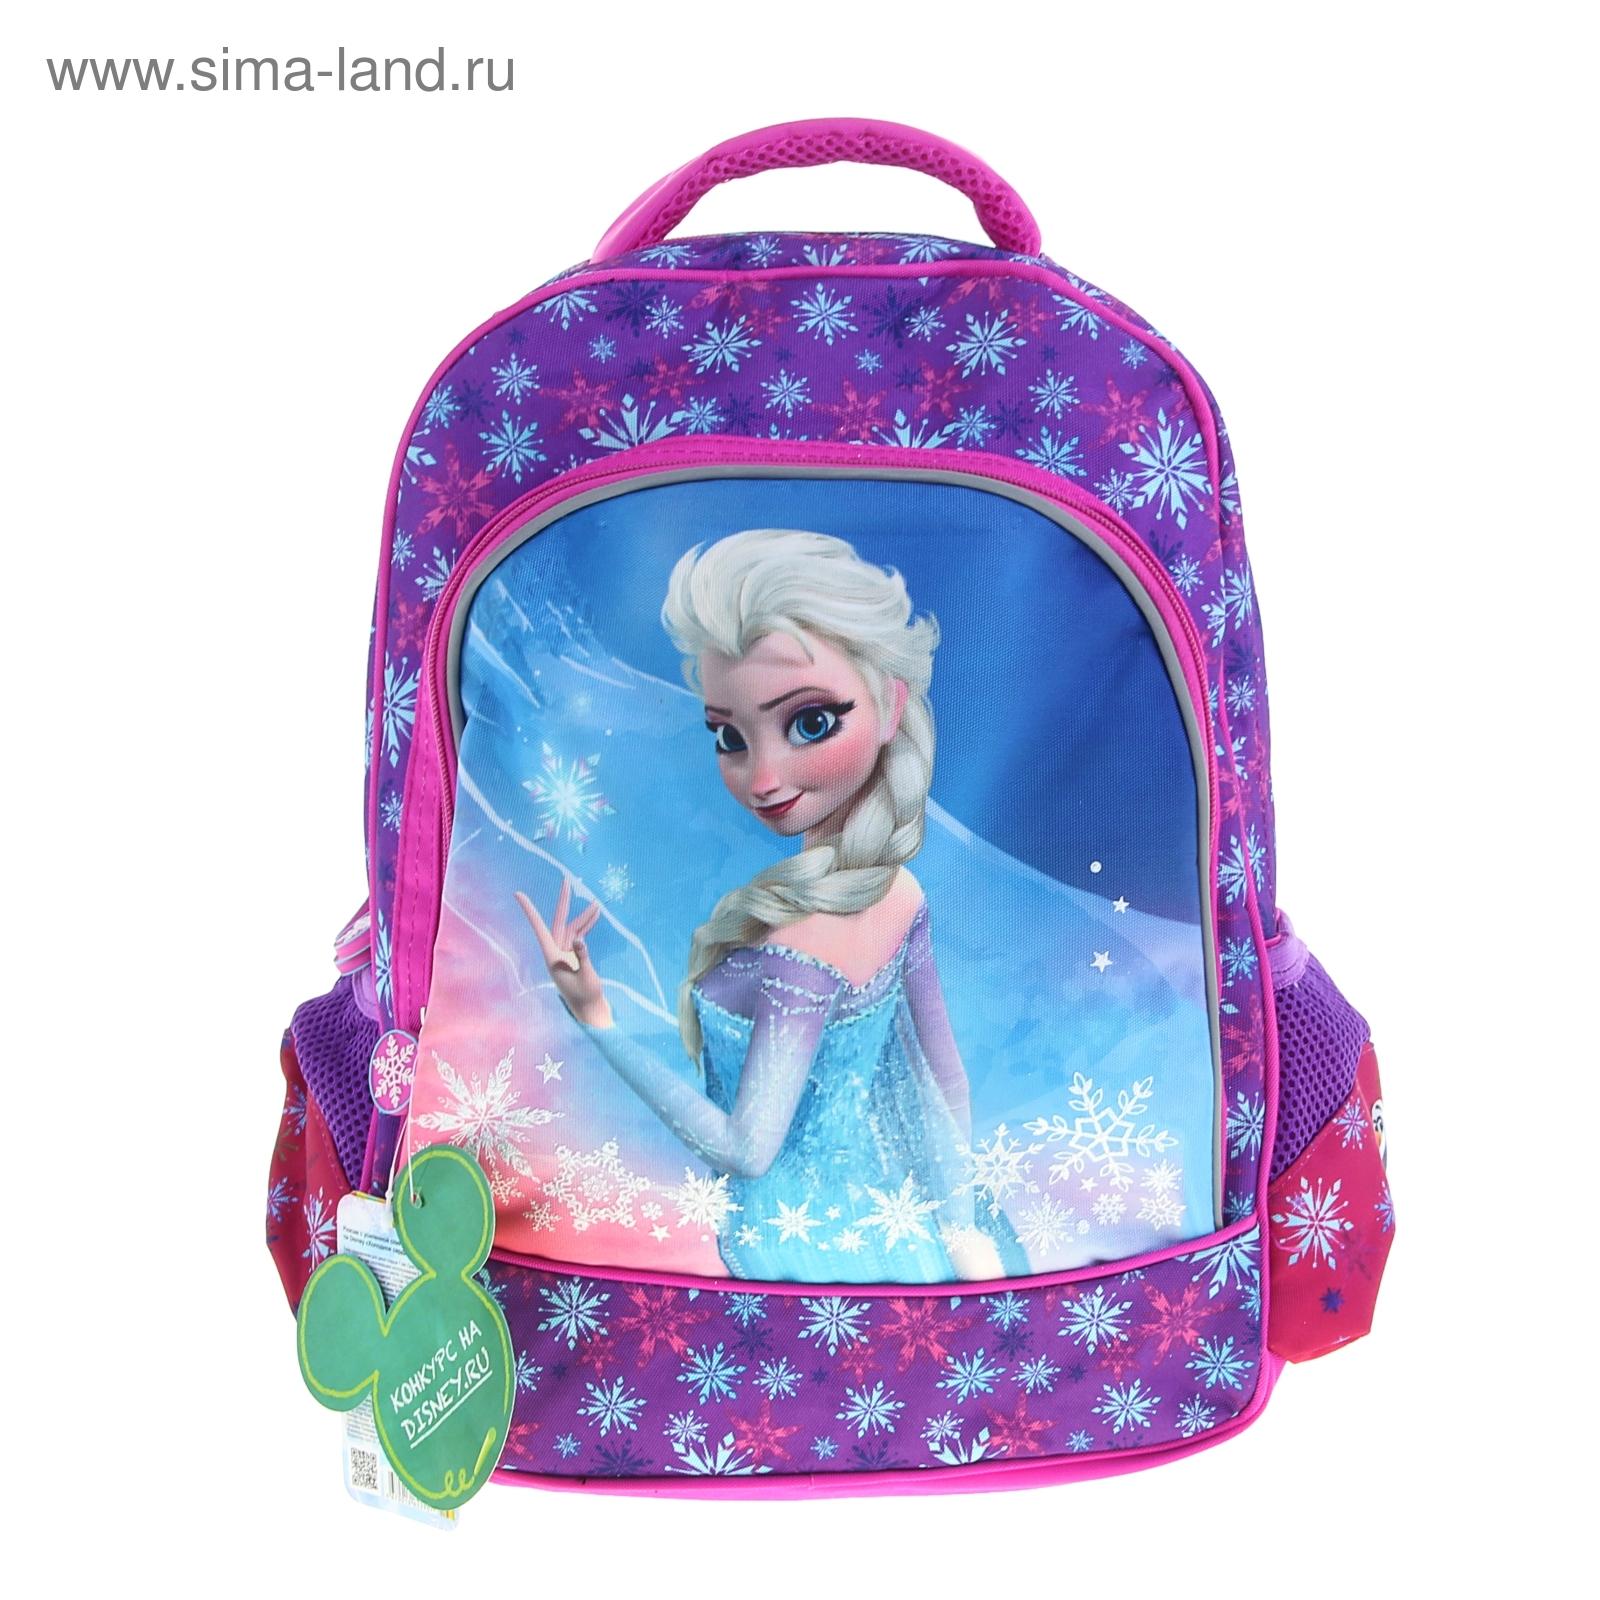 bbb4350d3167 Рюкзак школьный эргономичная спинка Disney Frozen, для девочки ...